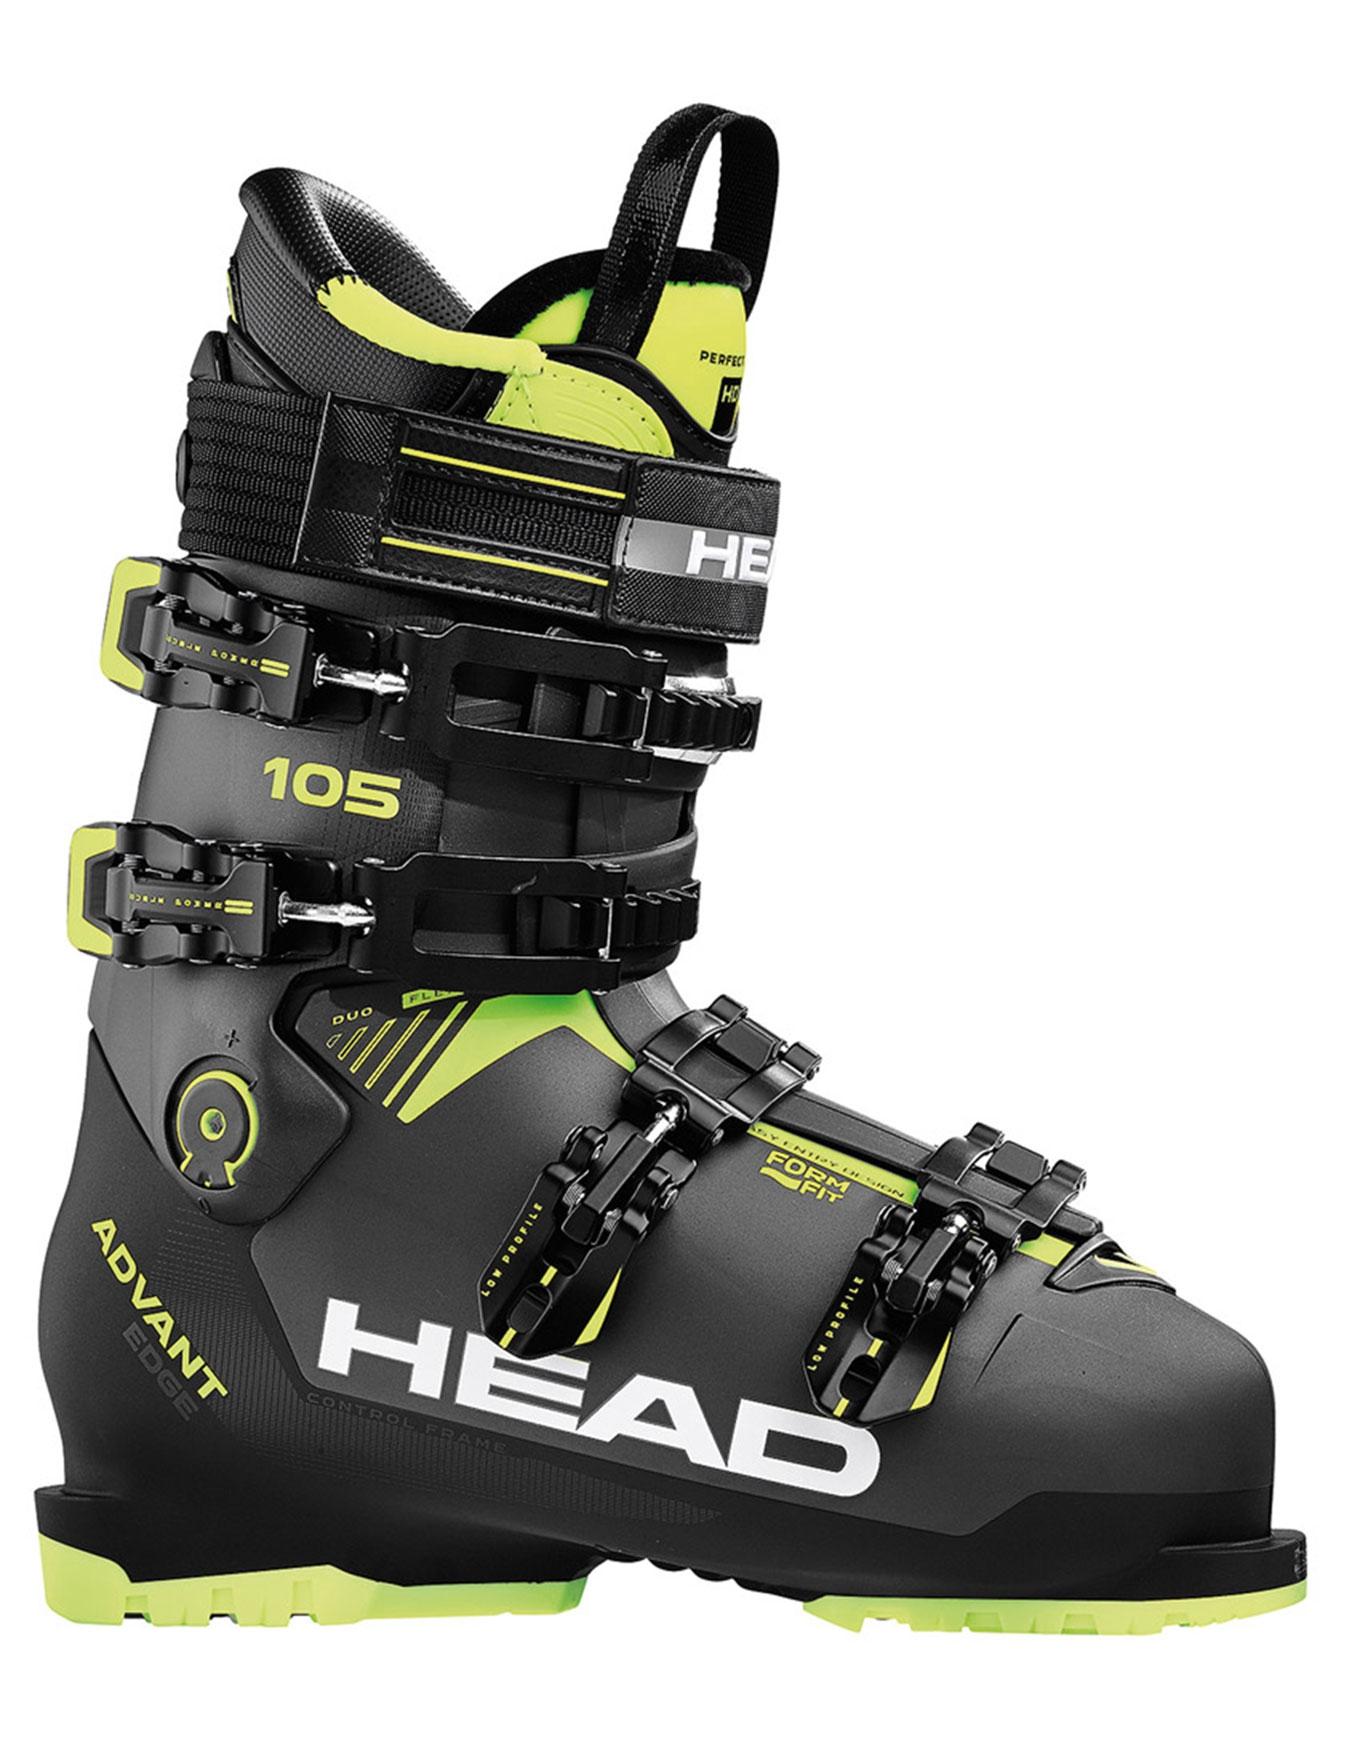 Chaussures Ski Homme Head Advant Edge 105 Anthracite